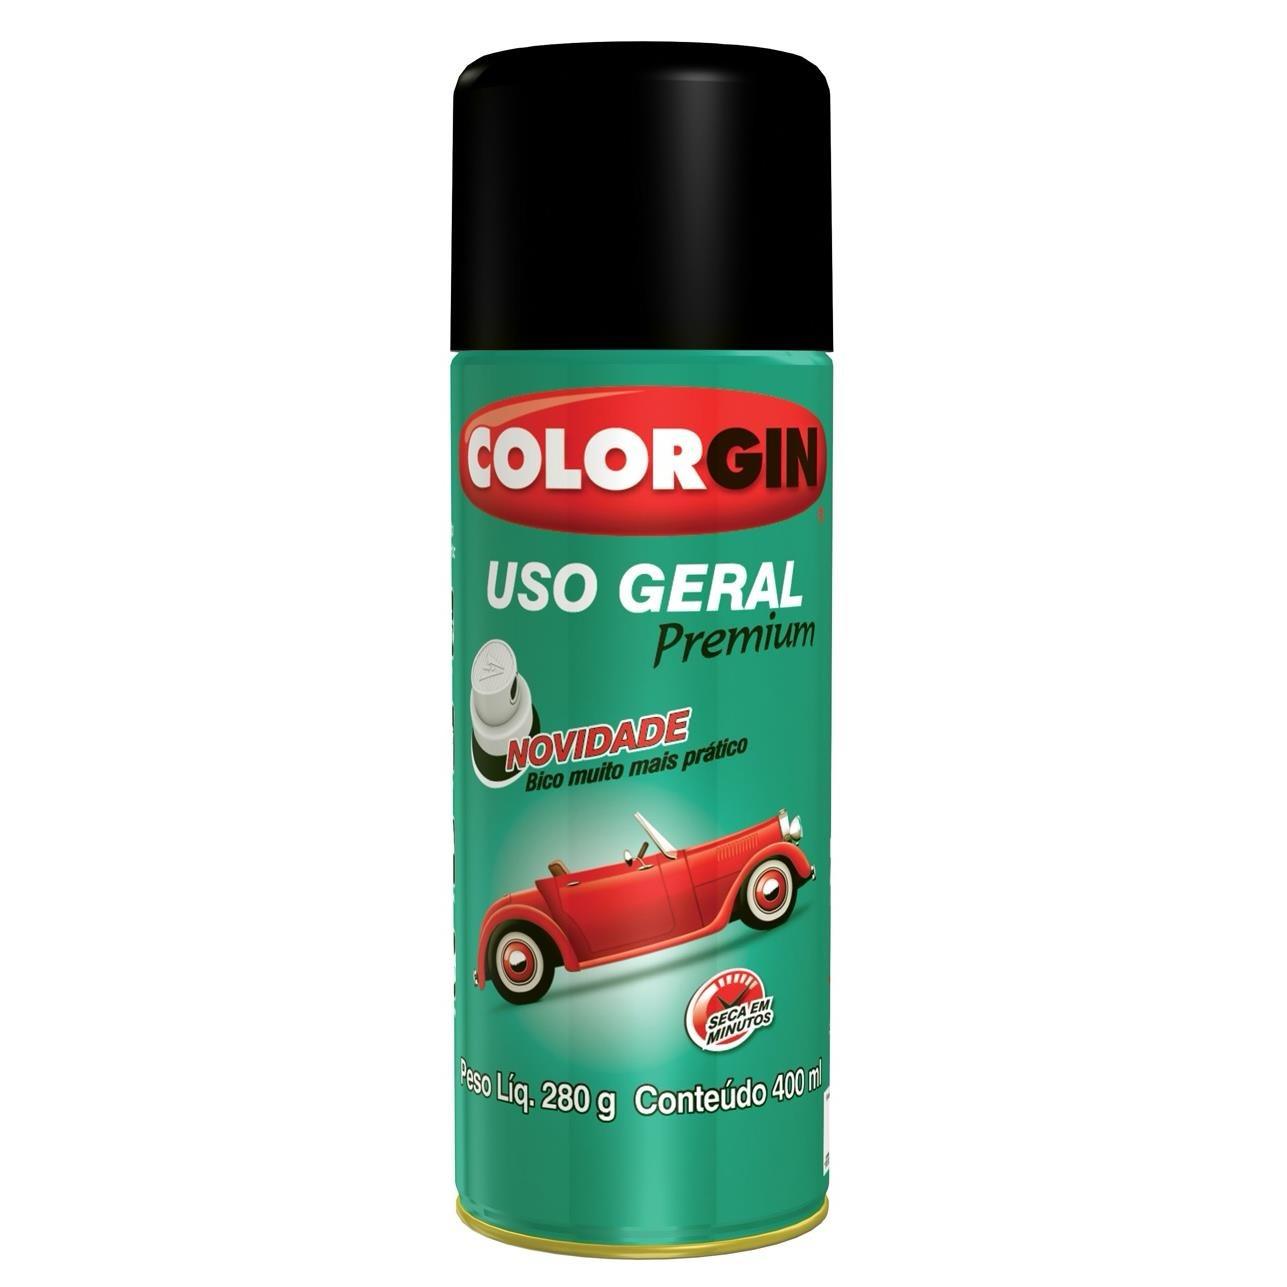 Tinta Spray Brilhante Uso geral Interno e Externo - Amarelo - 400ml - Colorgin